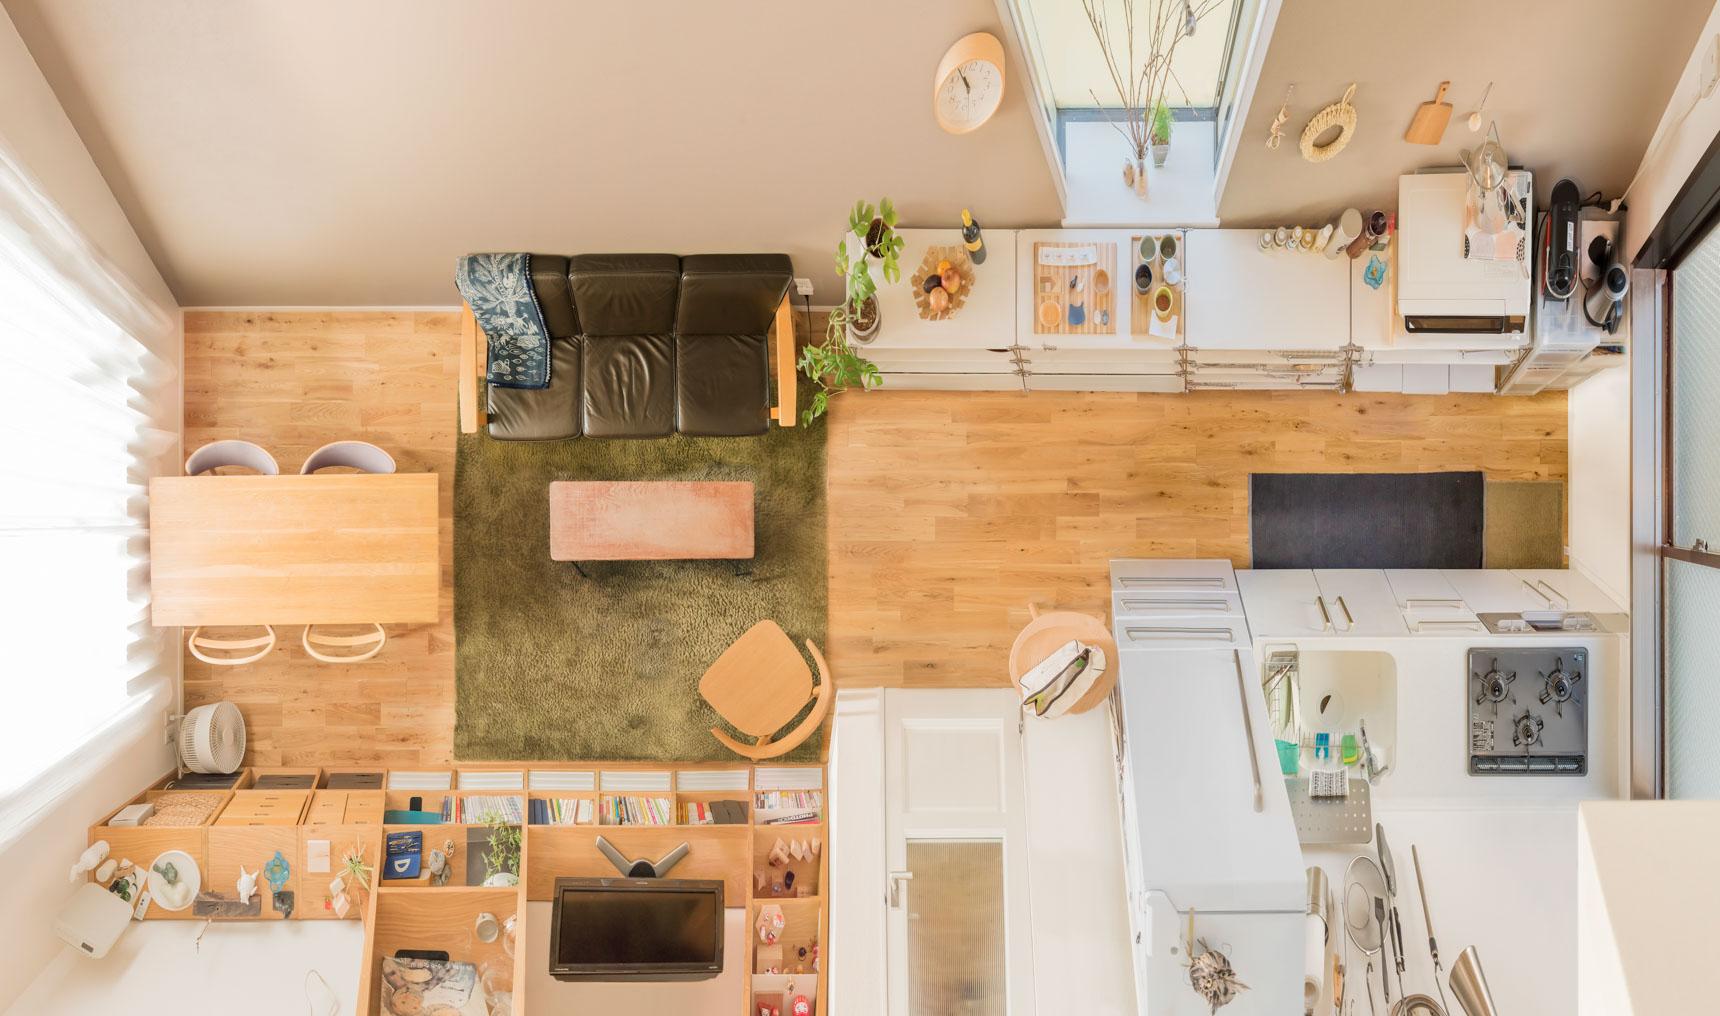 飾るもののひとつひとつが、居心地の良さをつくっていく。木のぬくもりに包まれたふたり暮らしの部屋